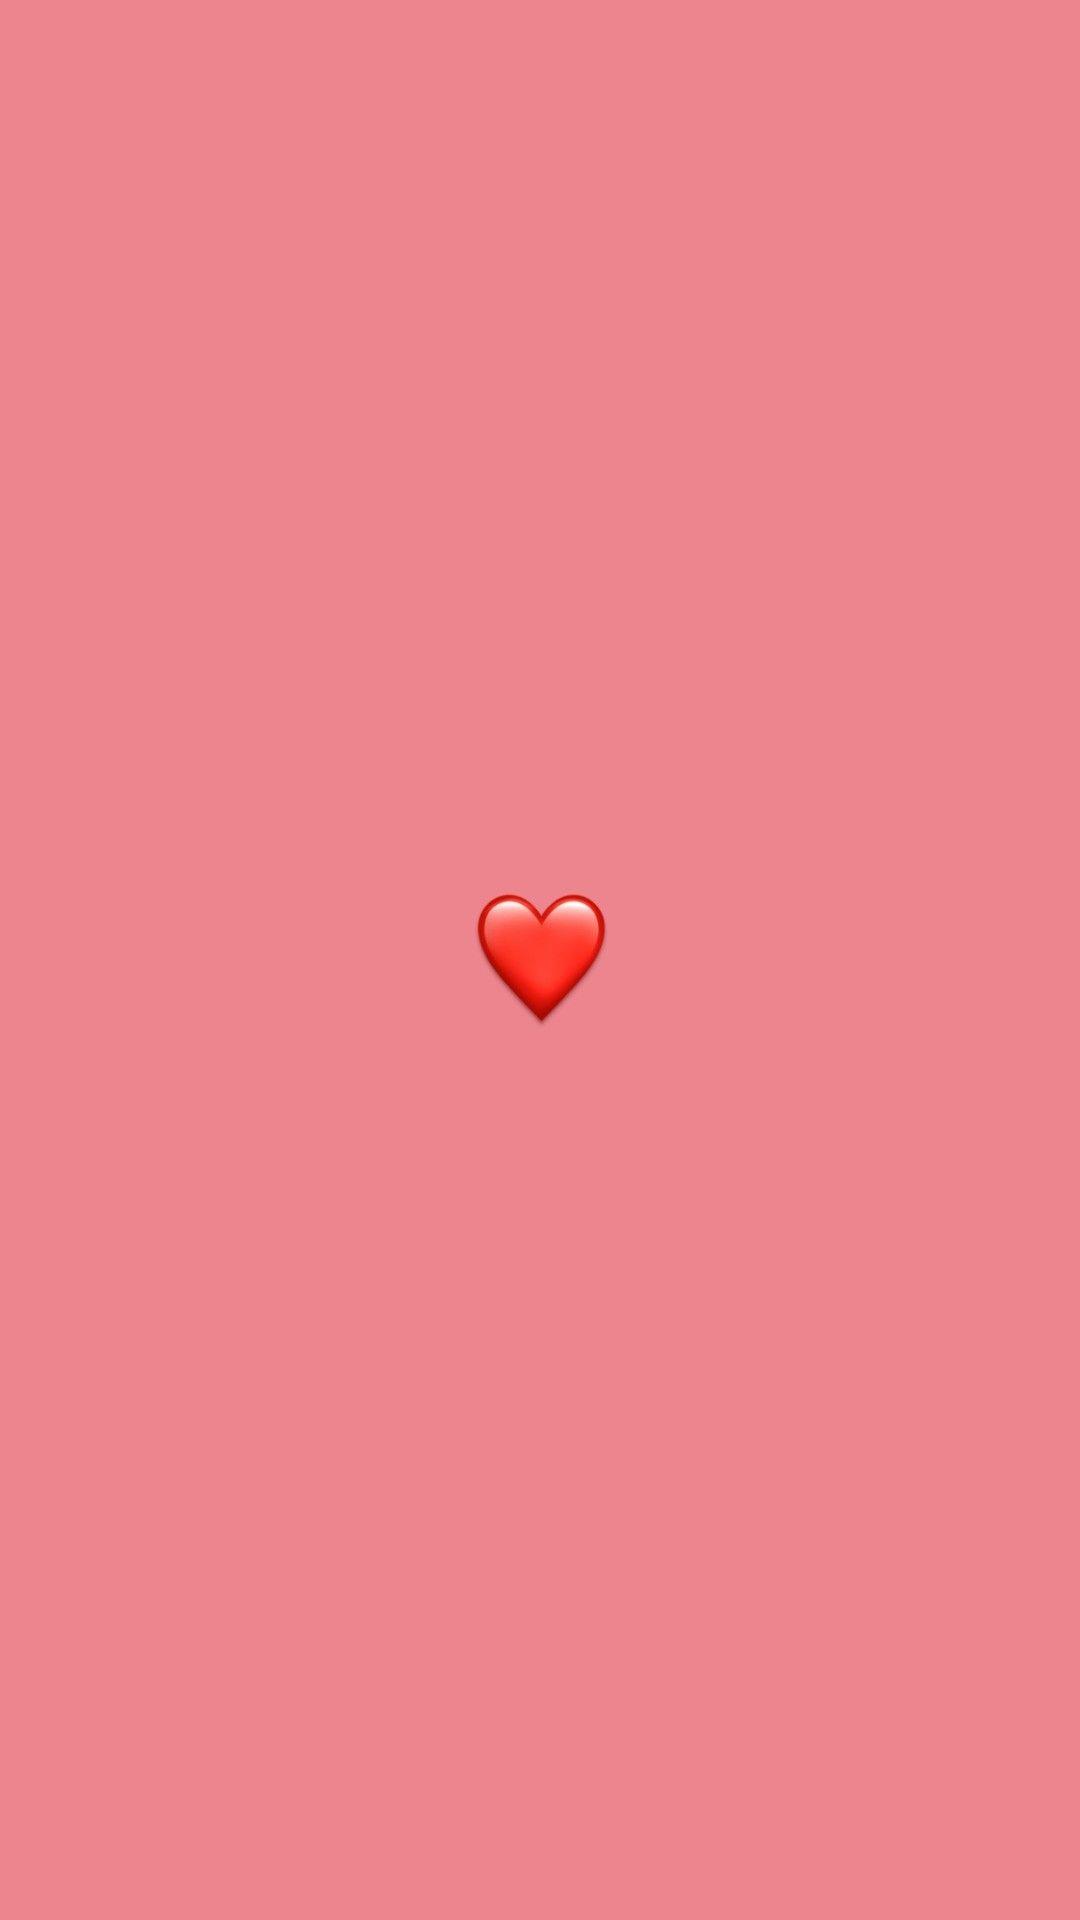 Hearts | Рисунки крестов, Милые обои, Пастельные обои